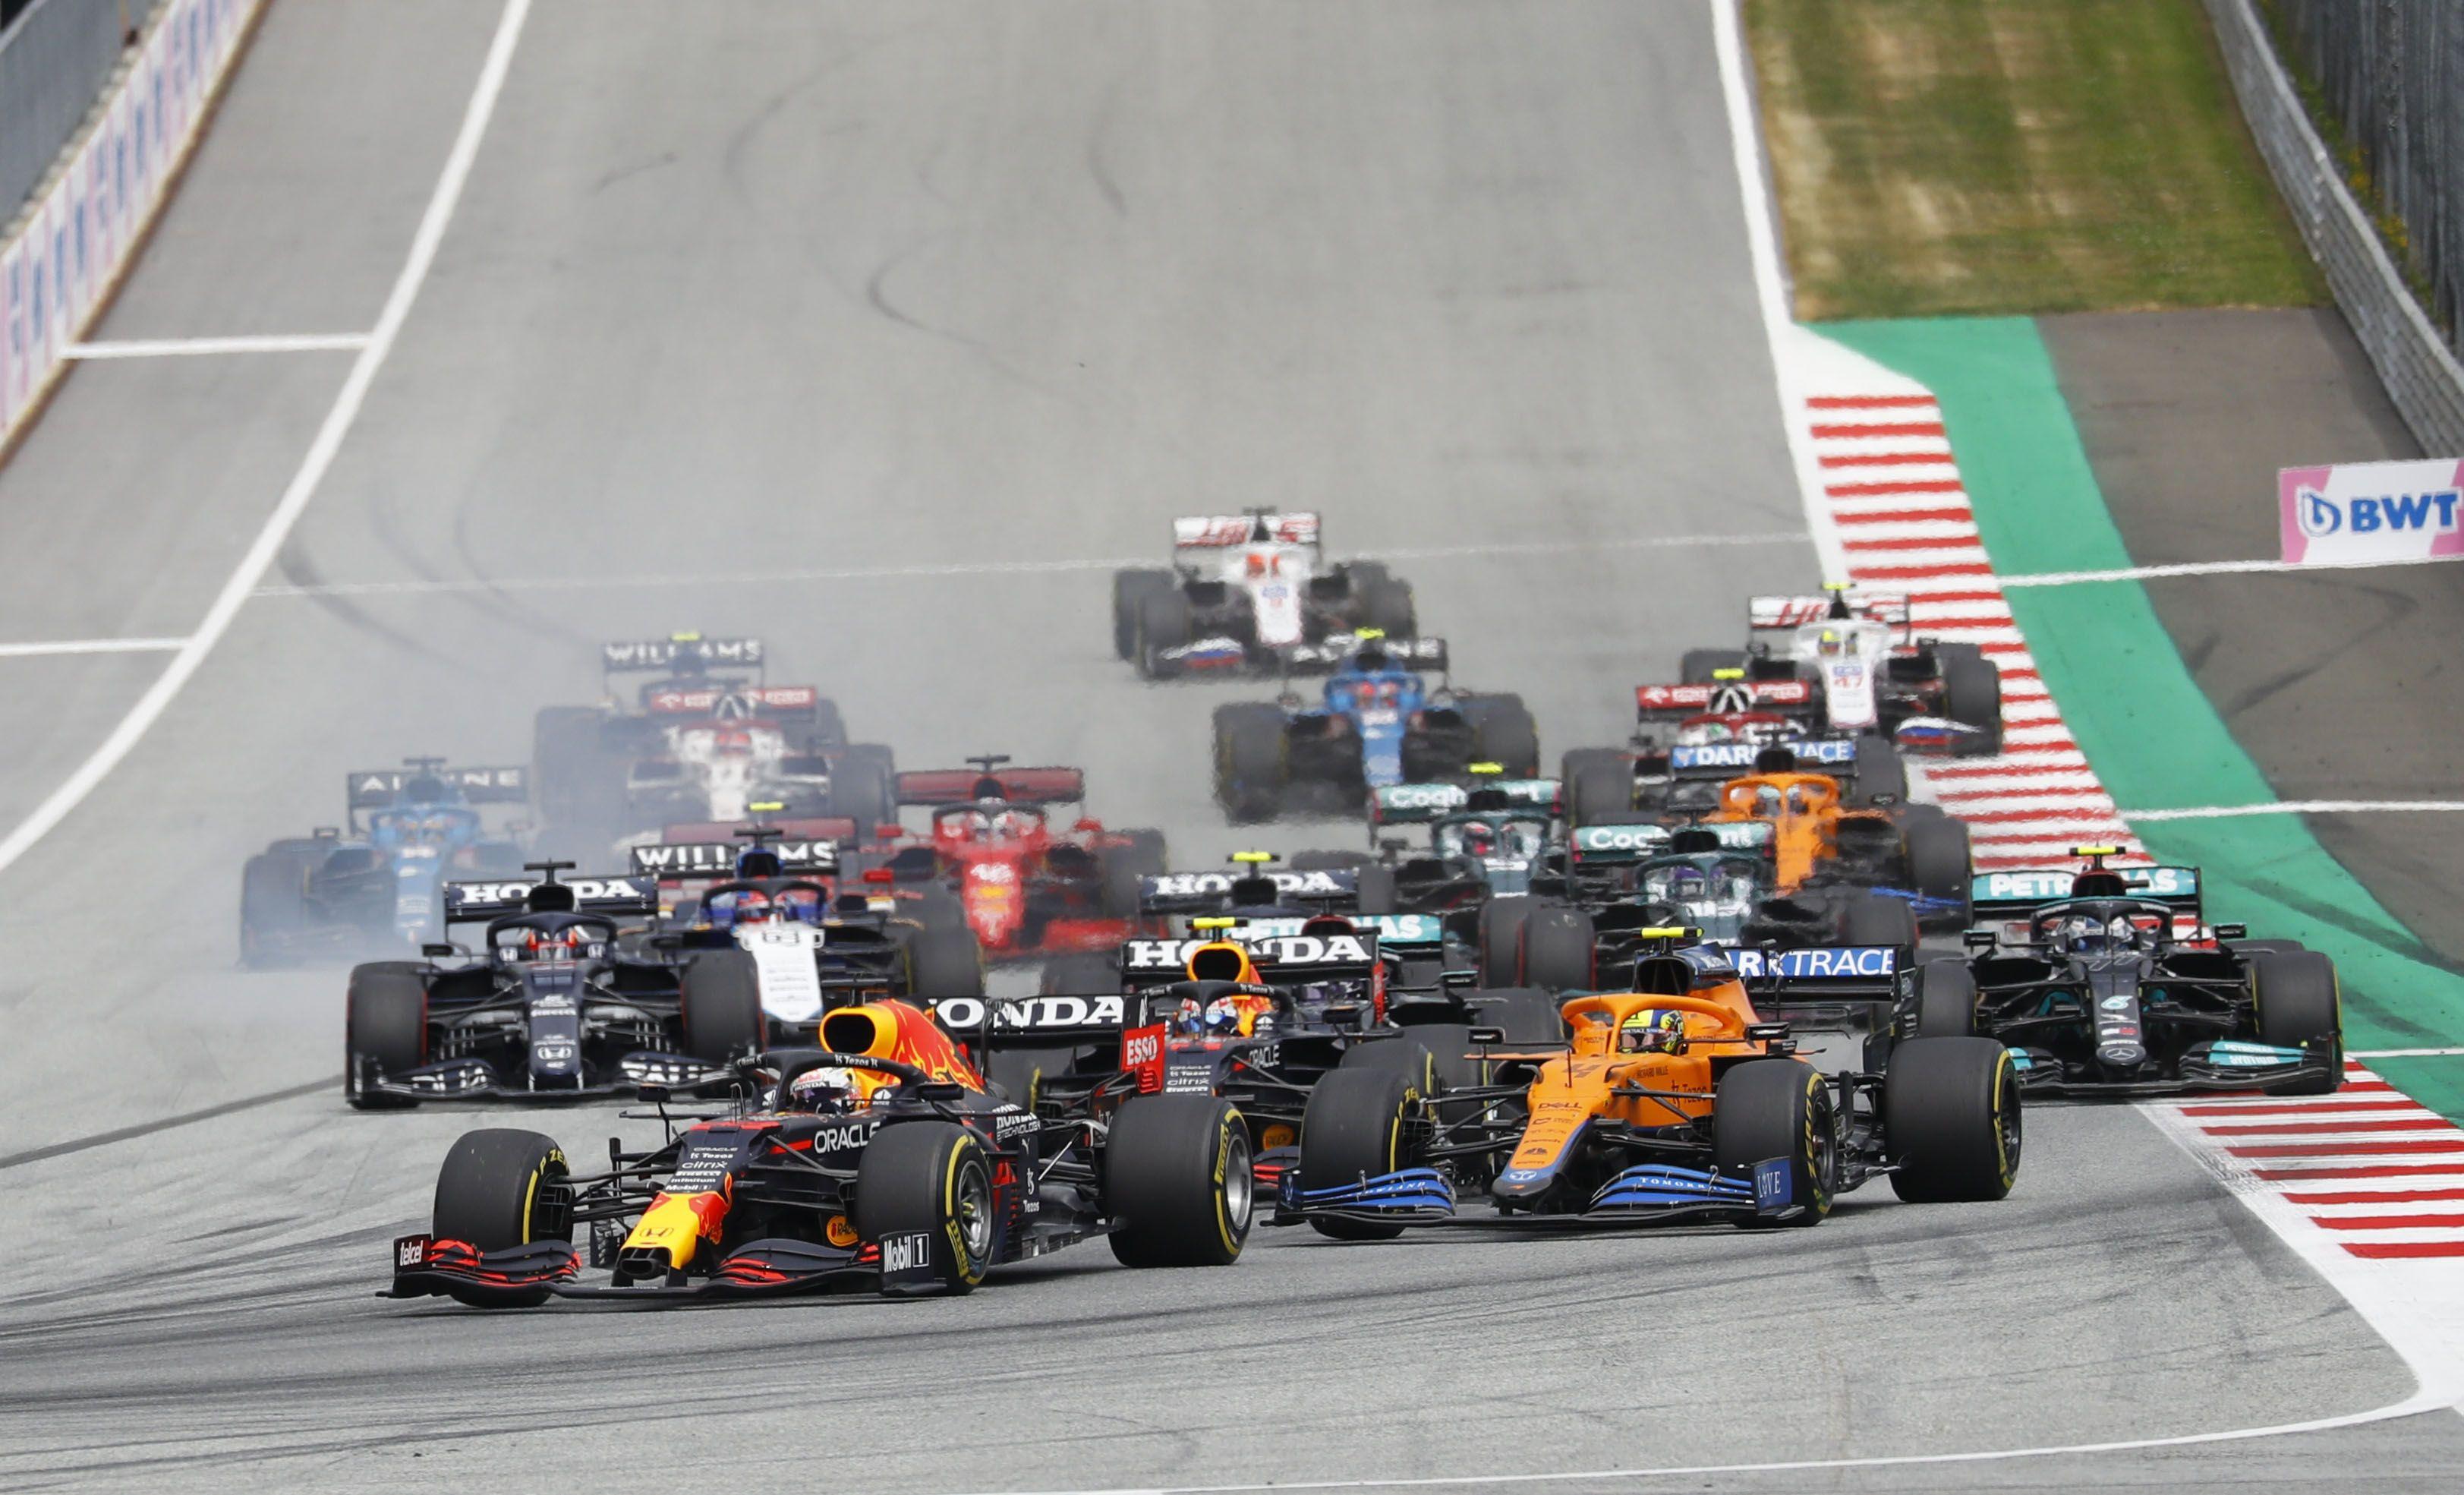 Por primera vez en sus 71 años de historia la Fórmula 1 disputará una carrera sprint, que será el sábado (REUTERS/Leonhard Foeger)